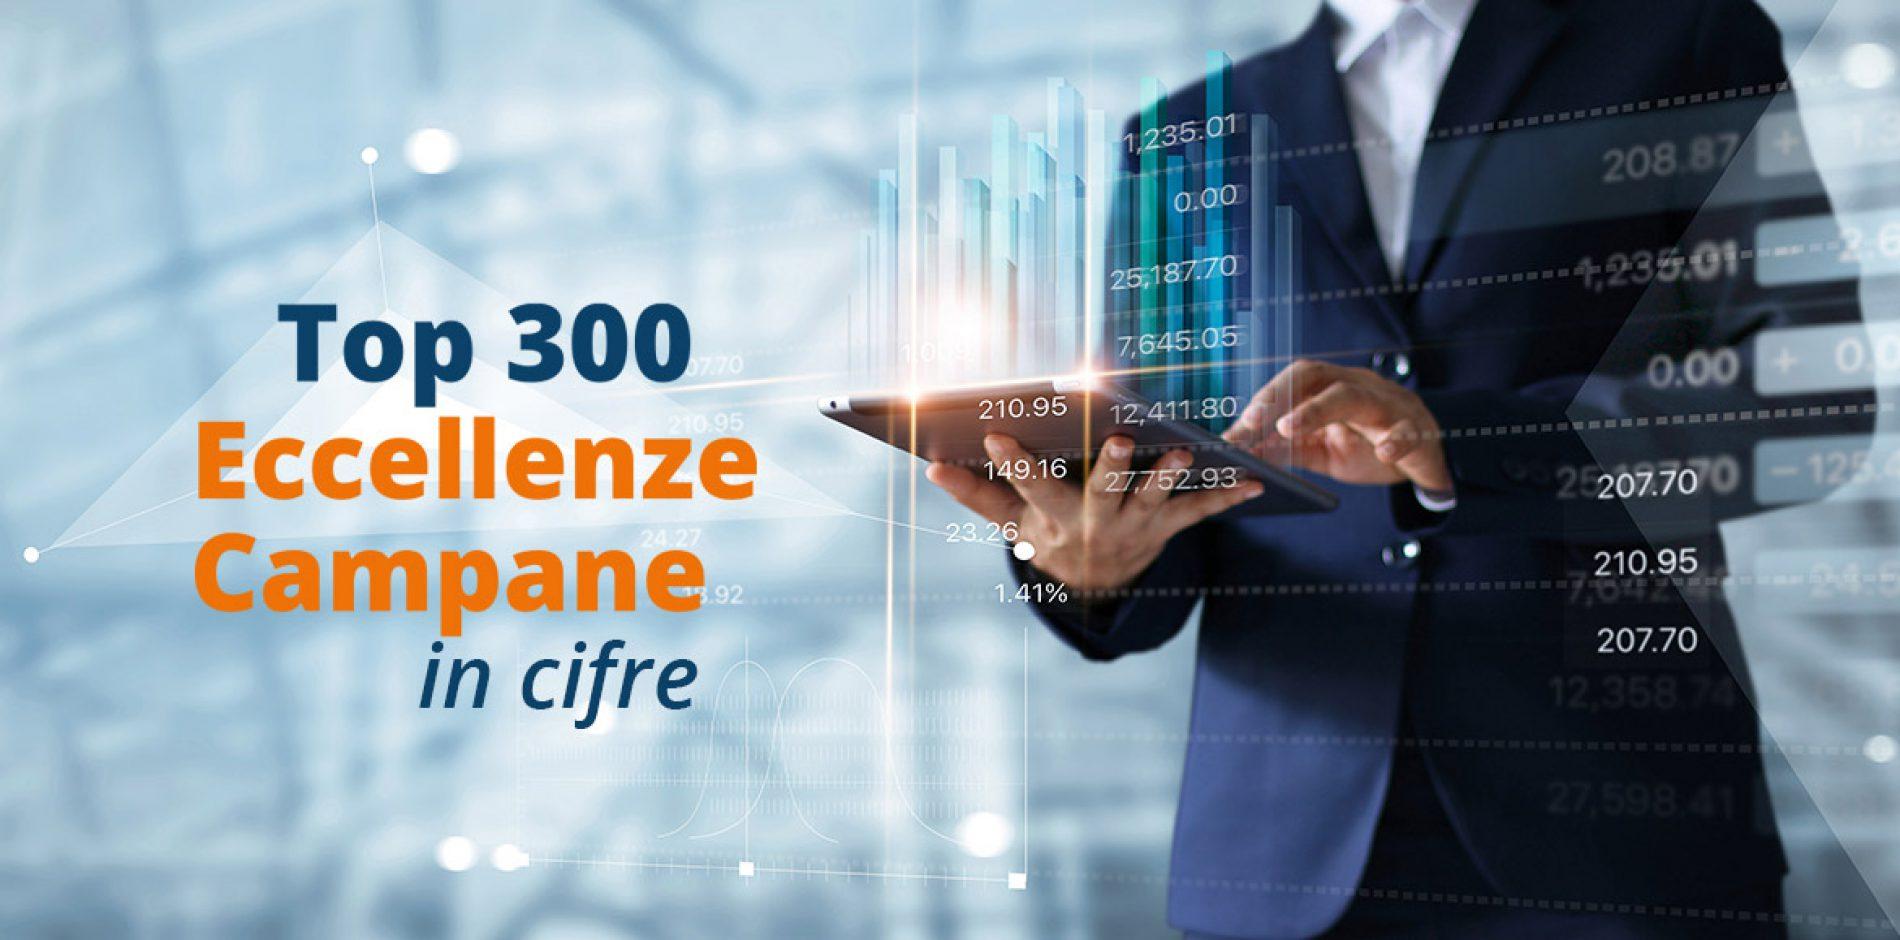 Top 300 Campania – Generazione Vincente al 58° posto tra le imprese eccellenti